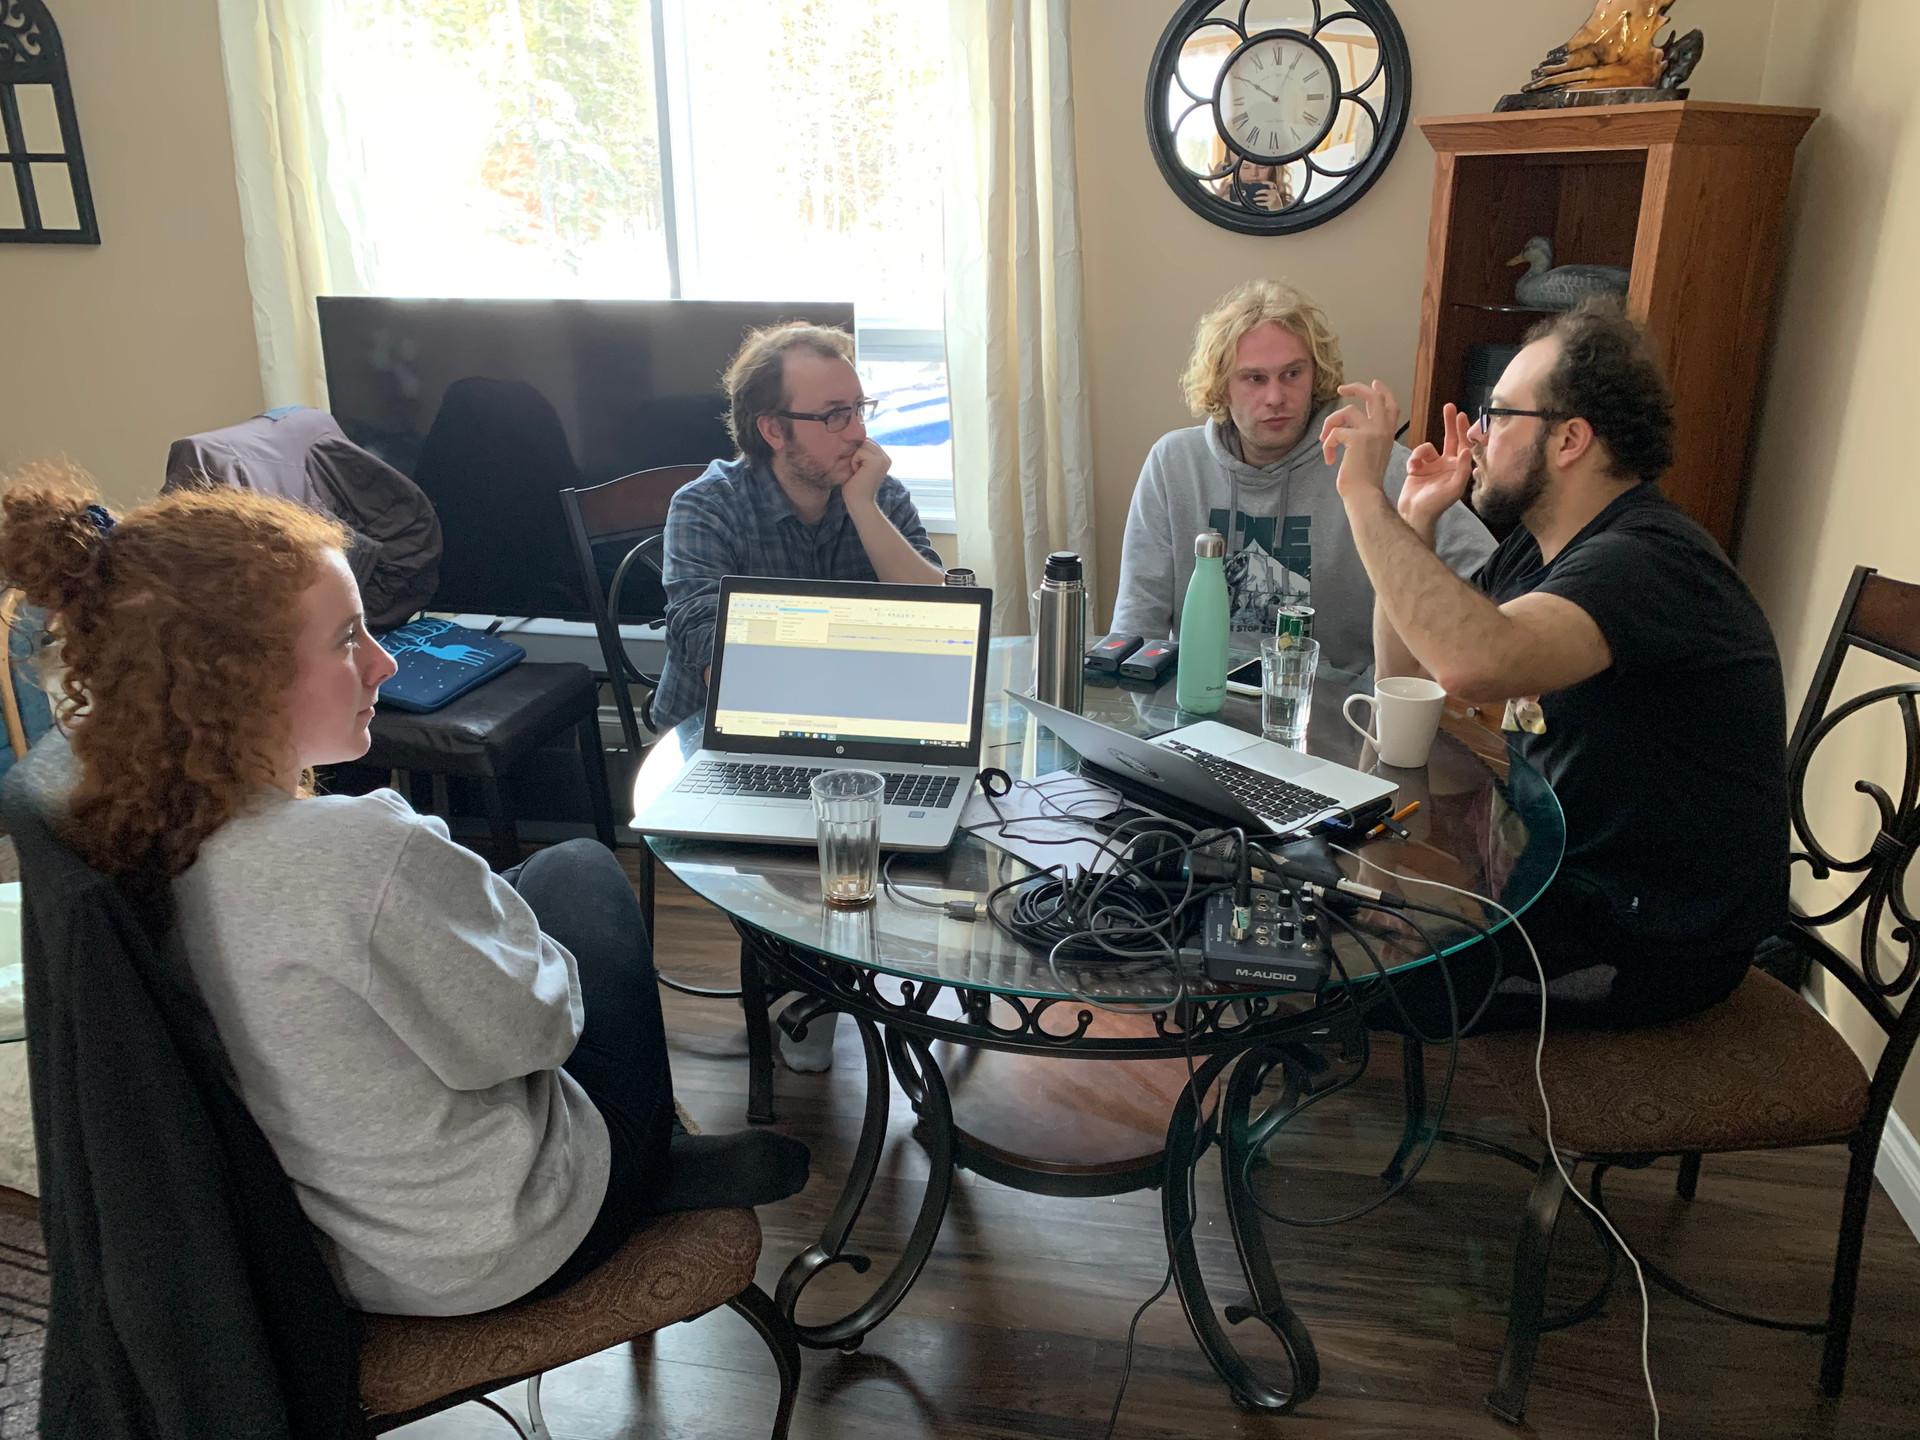 Batiste Foisy, à droite, partage ses connaissances en création radiophonique avec Pierre-Benoît, Louis-Nicolas et Mila, qui aspirent ensemble à la production sonore.